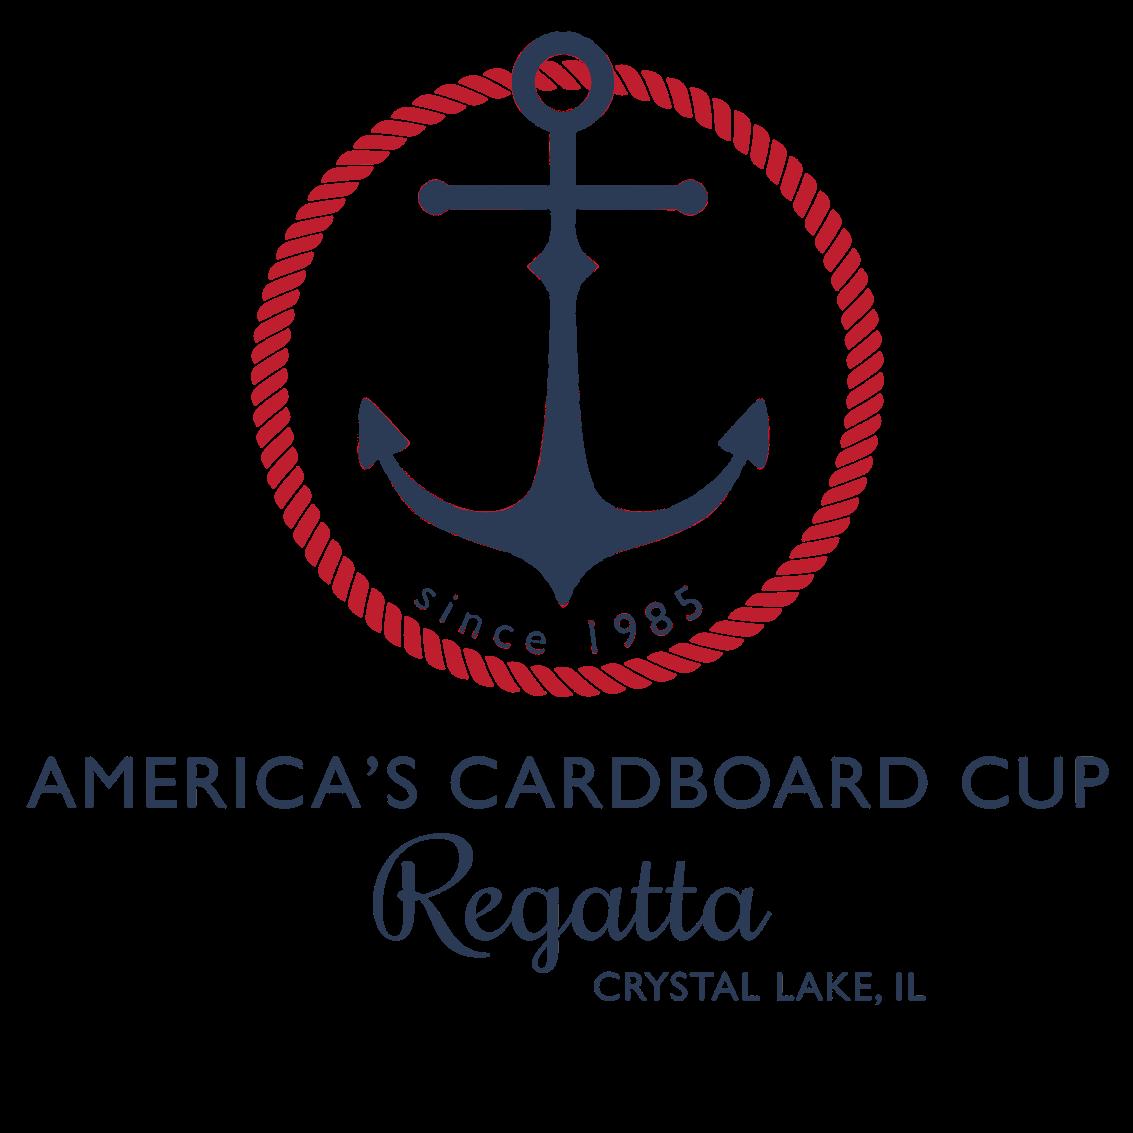 America's Cardboard Cup Regatta